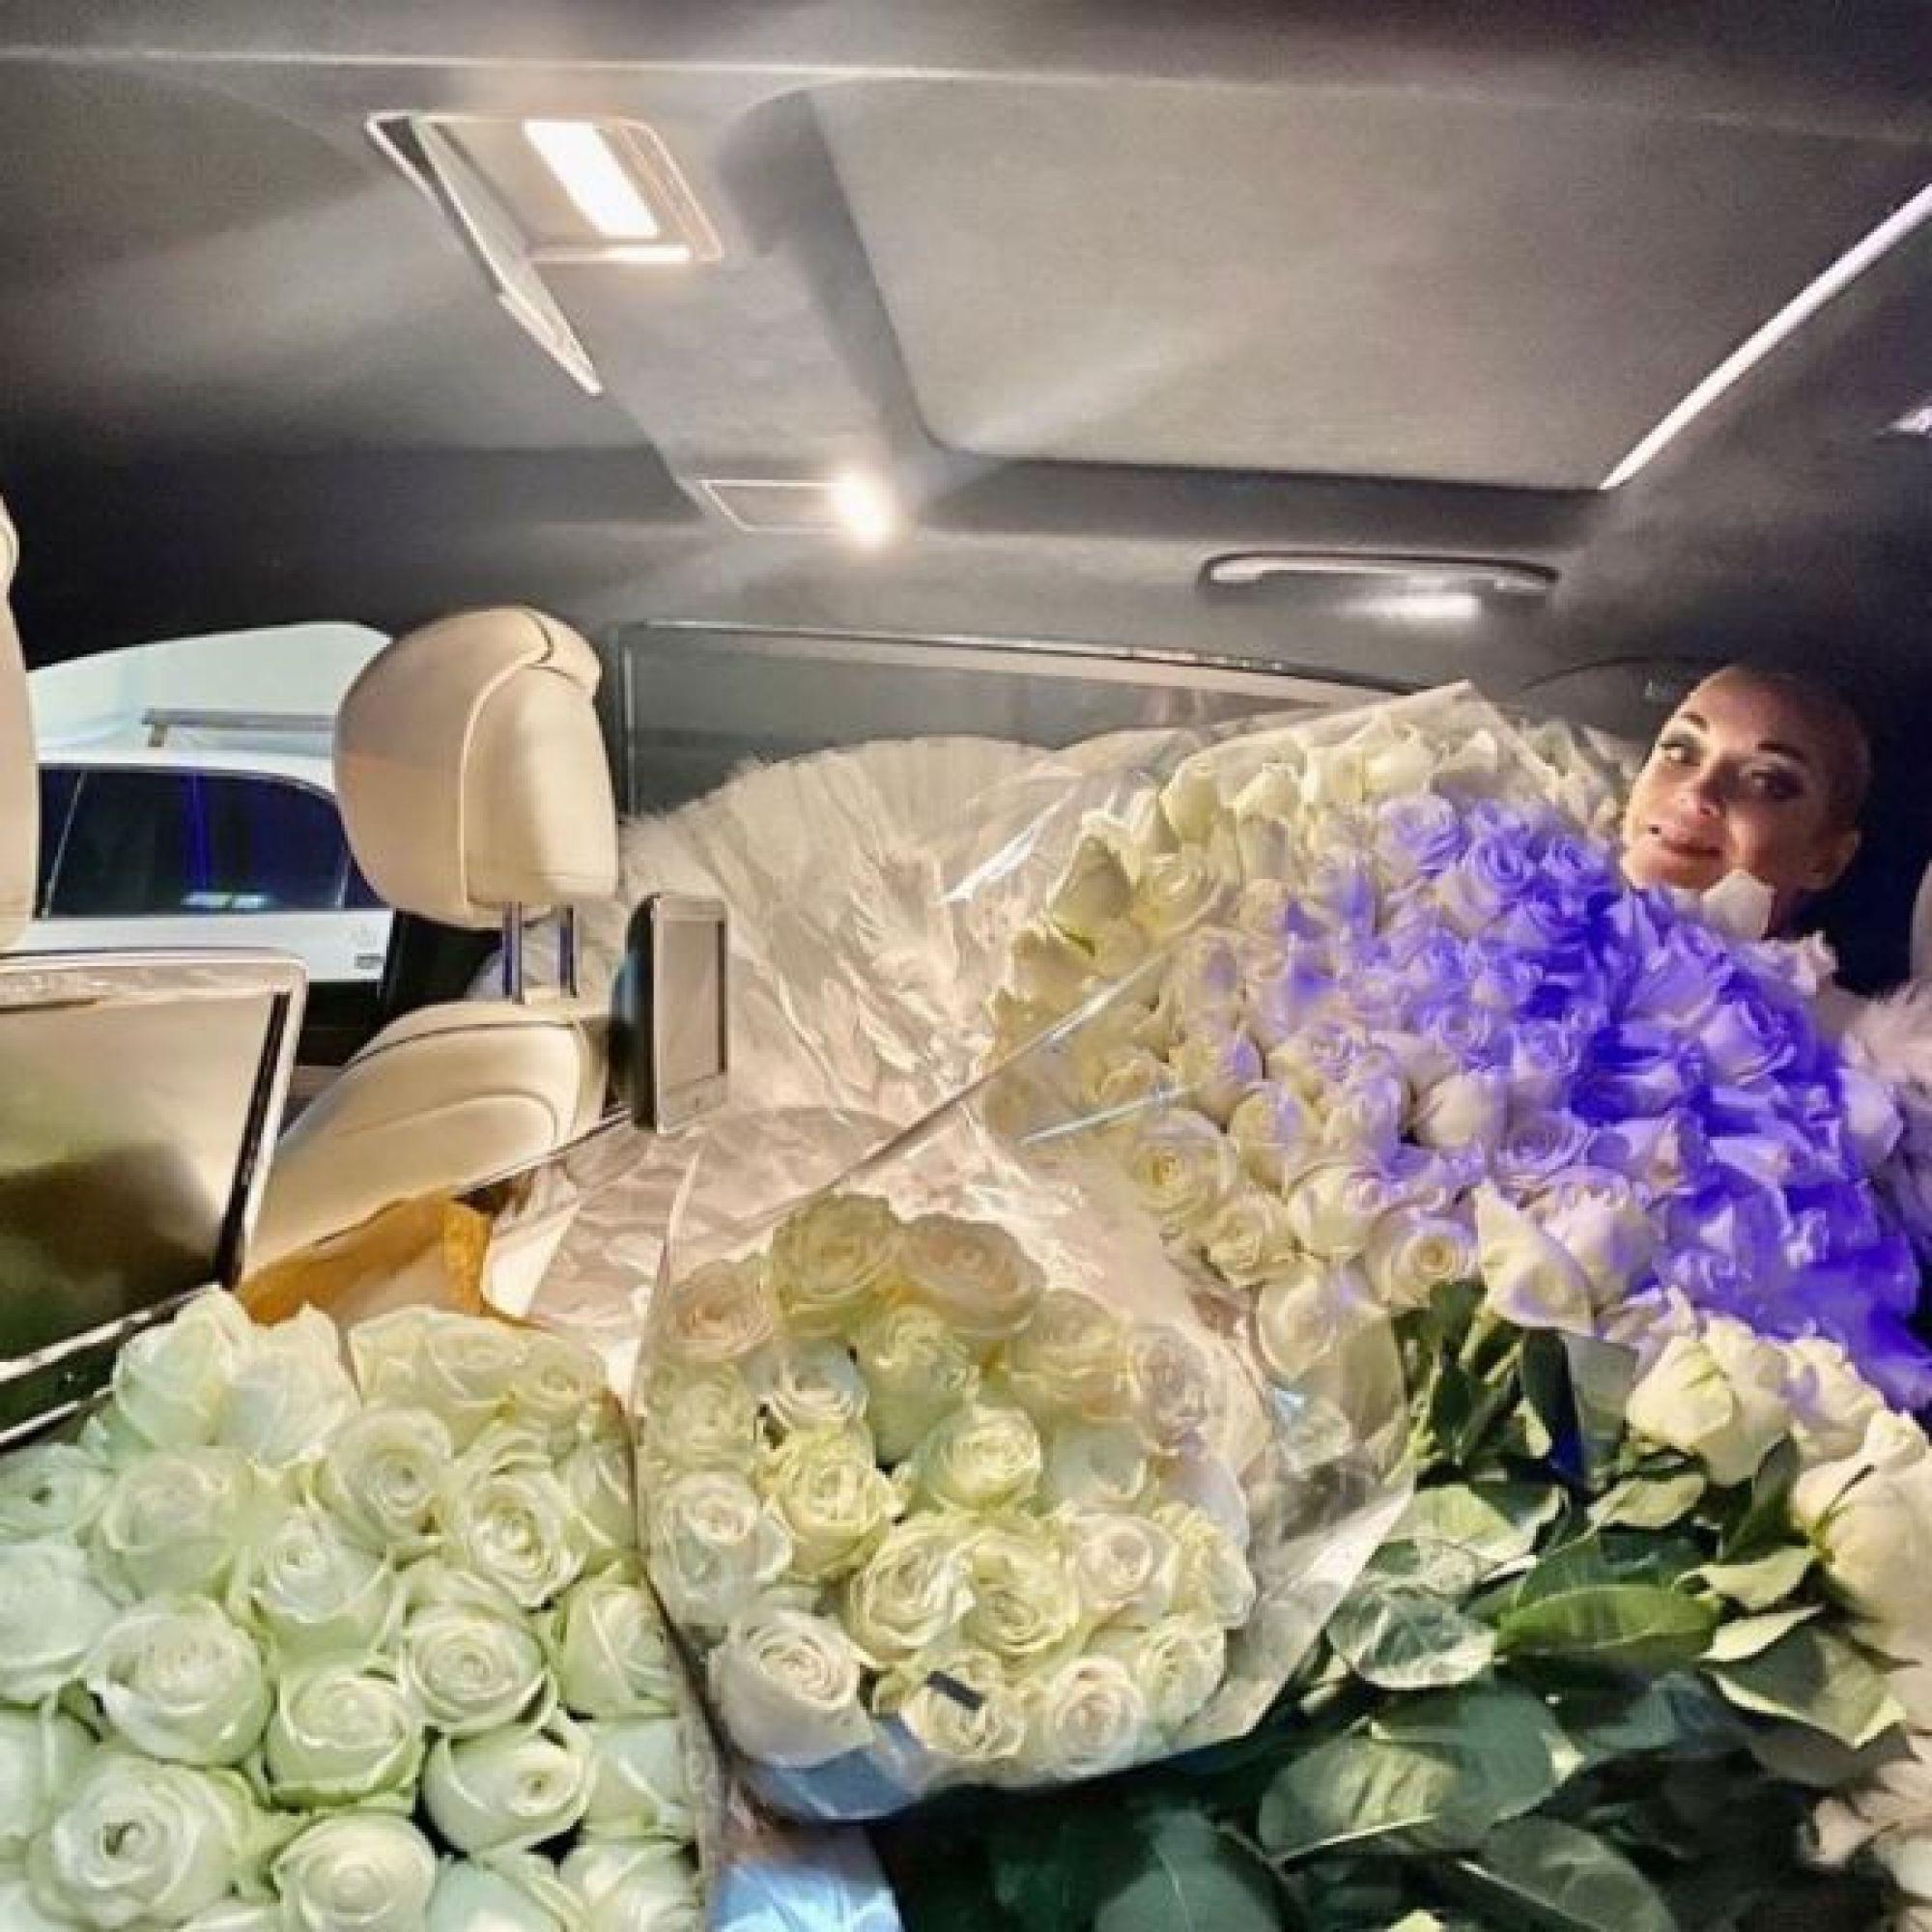 Волочкова впервые за много месяцев показала совместное фото с возлюбленным